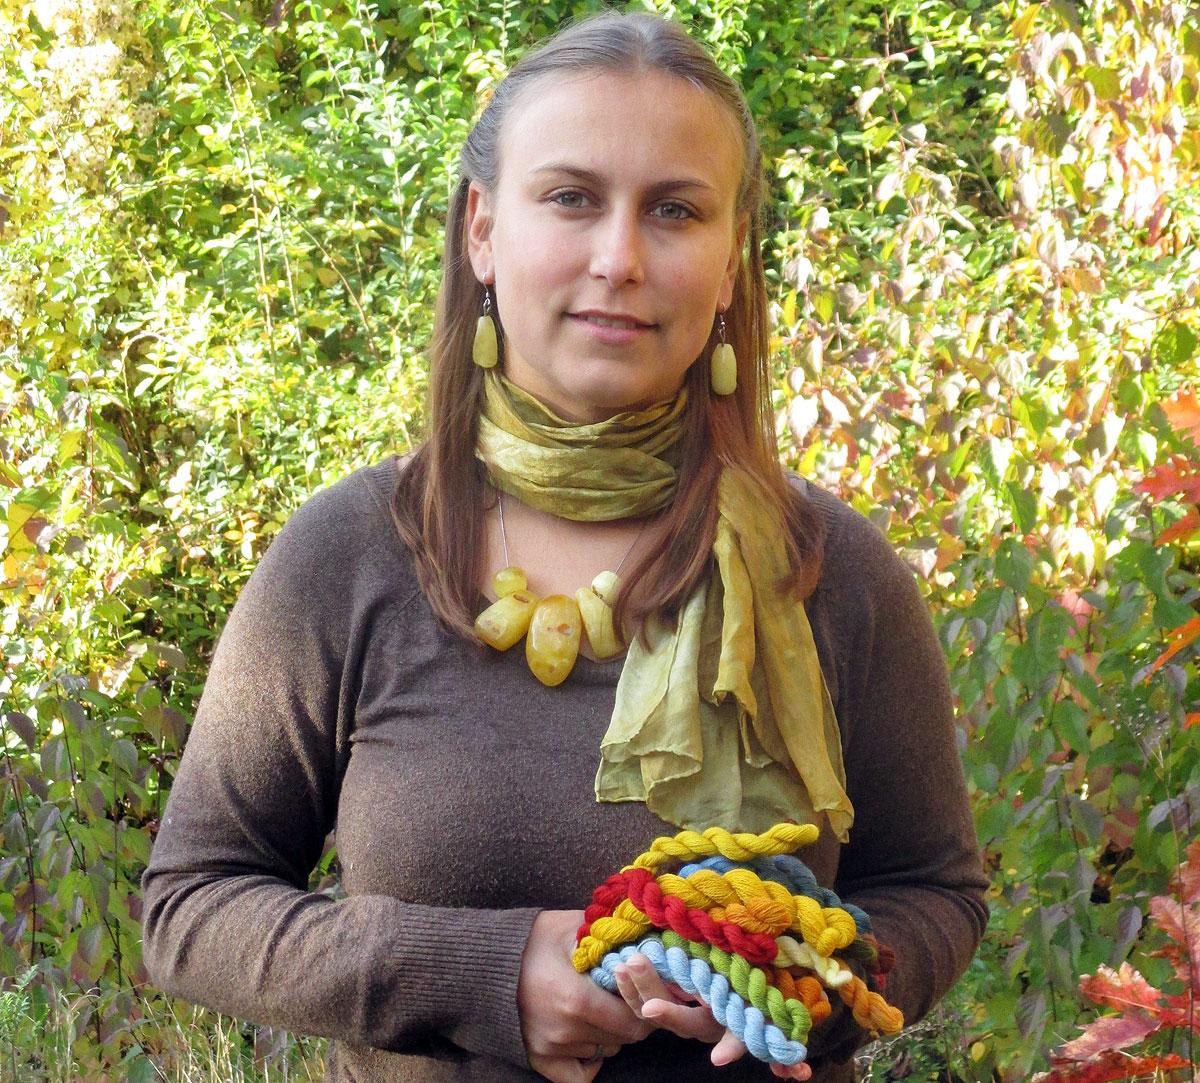 Färben mit natürlichen Materialien - ein fast vergessenes Handwerk. Hier: Anne Tomckyk mit ihren selbst gefärbten Garnen